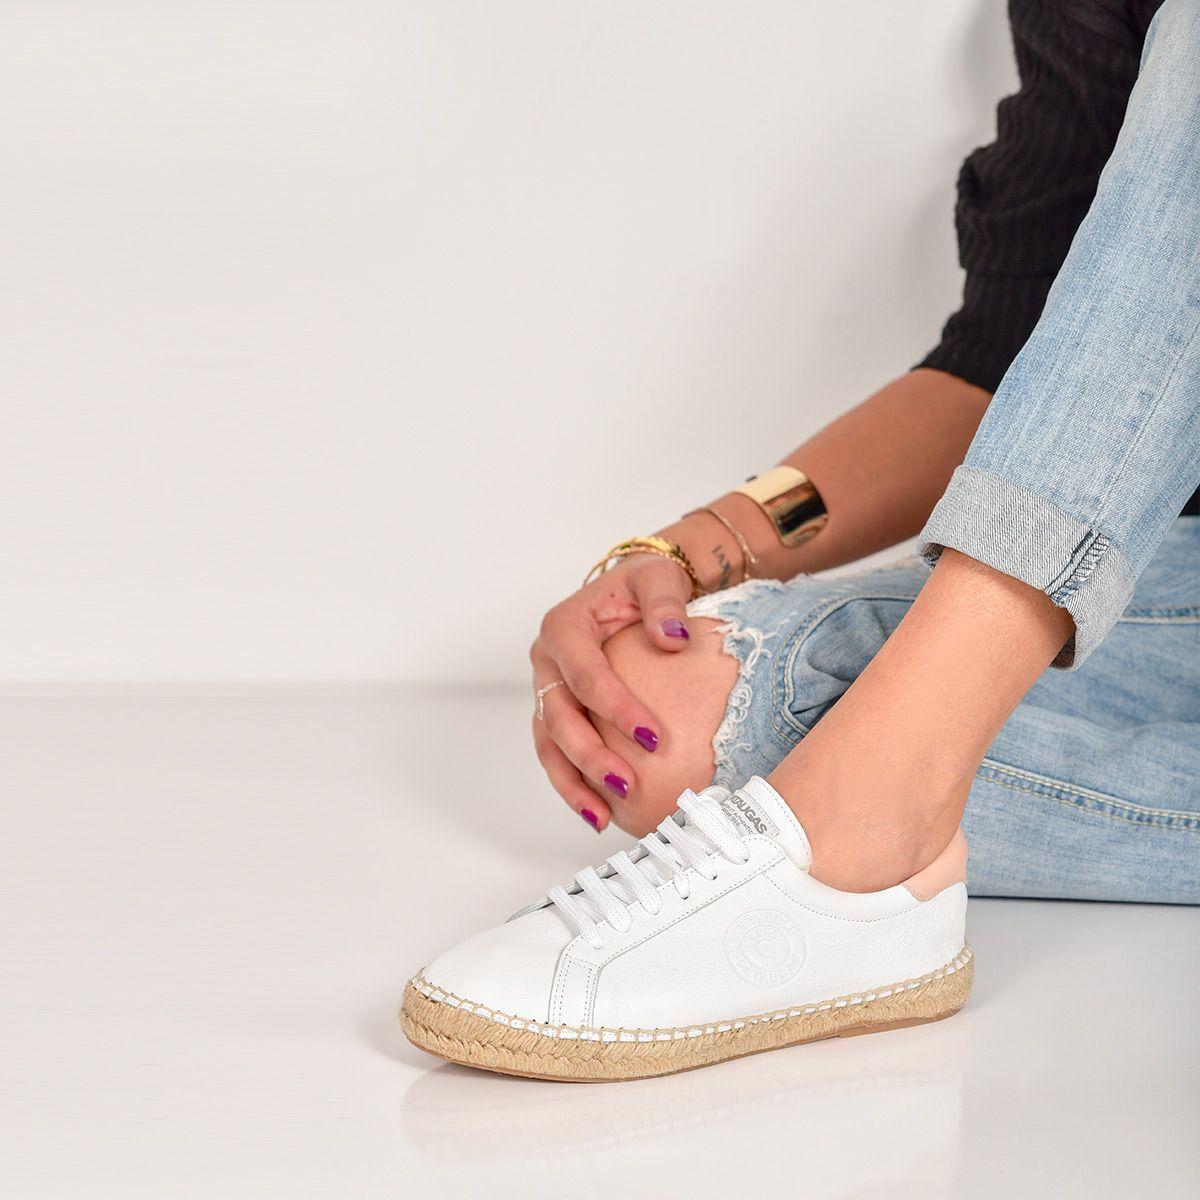 Épinglé sur Chaussures